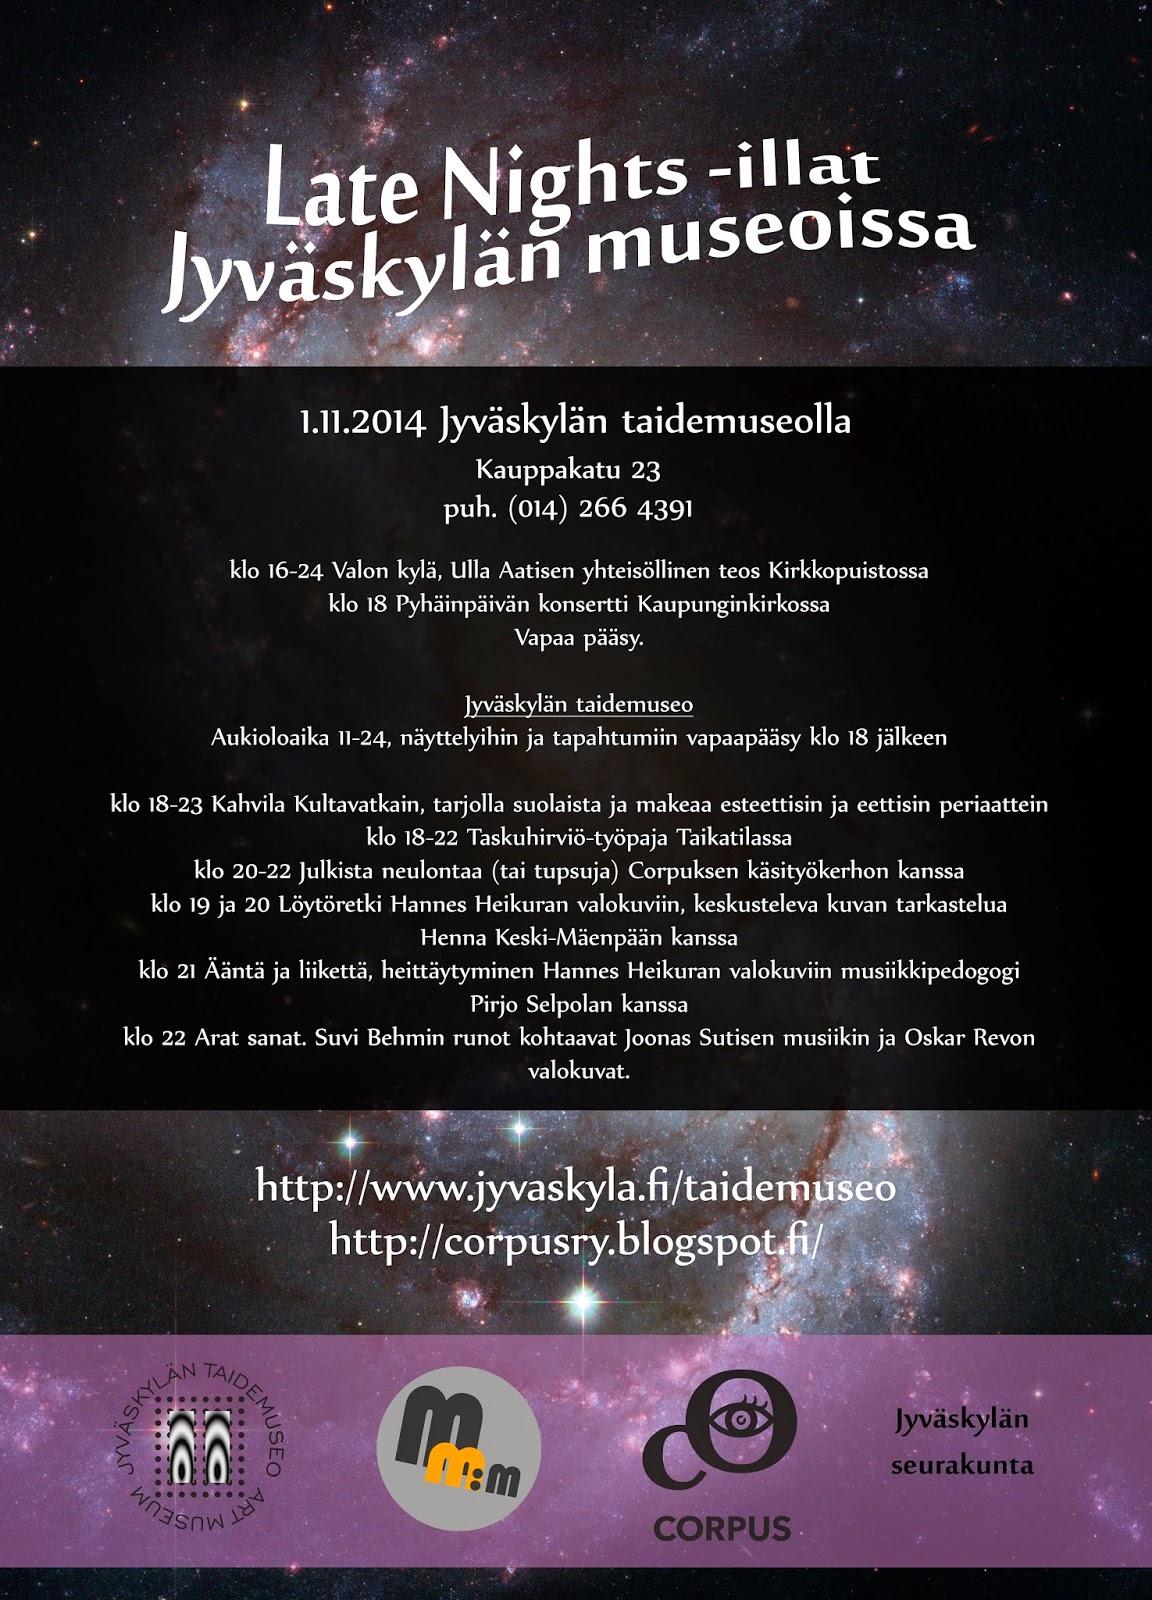 Corpus valtaa pyhäinpäivänä Jyväskylän taidemuseon!